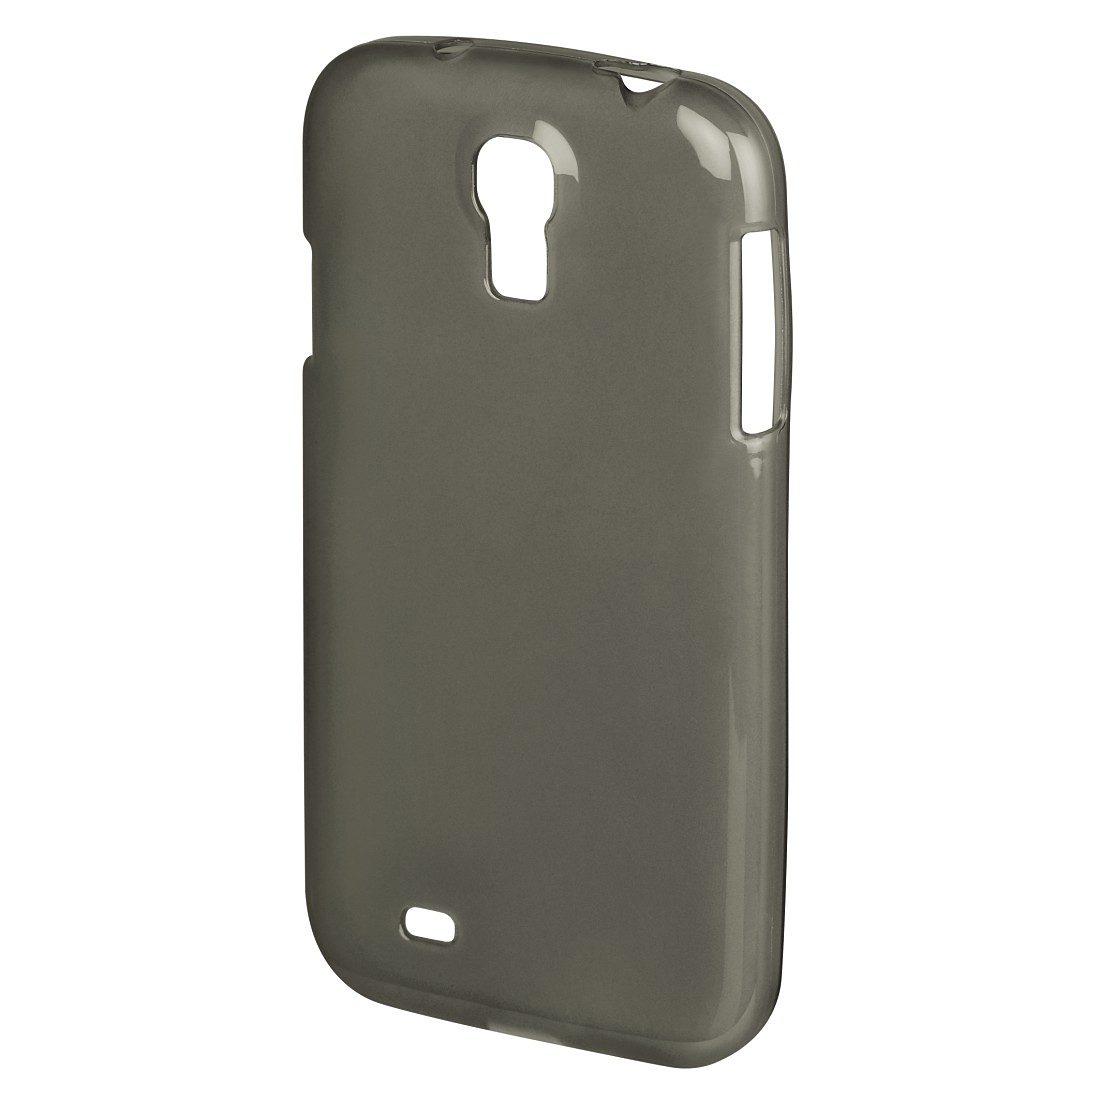 Hama Handy-Cover Crystal für Samsung Galaxy S 4, Grau